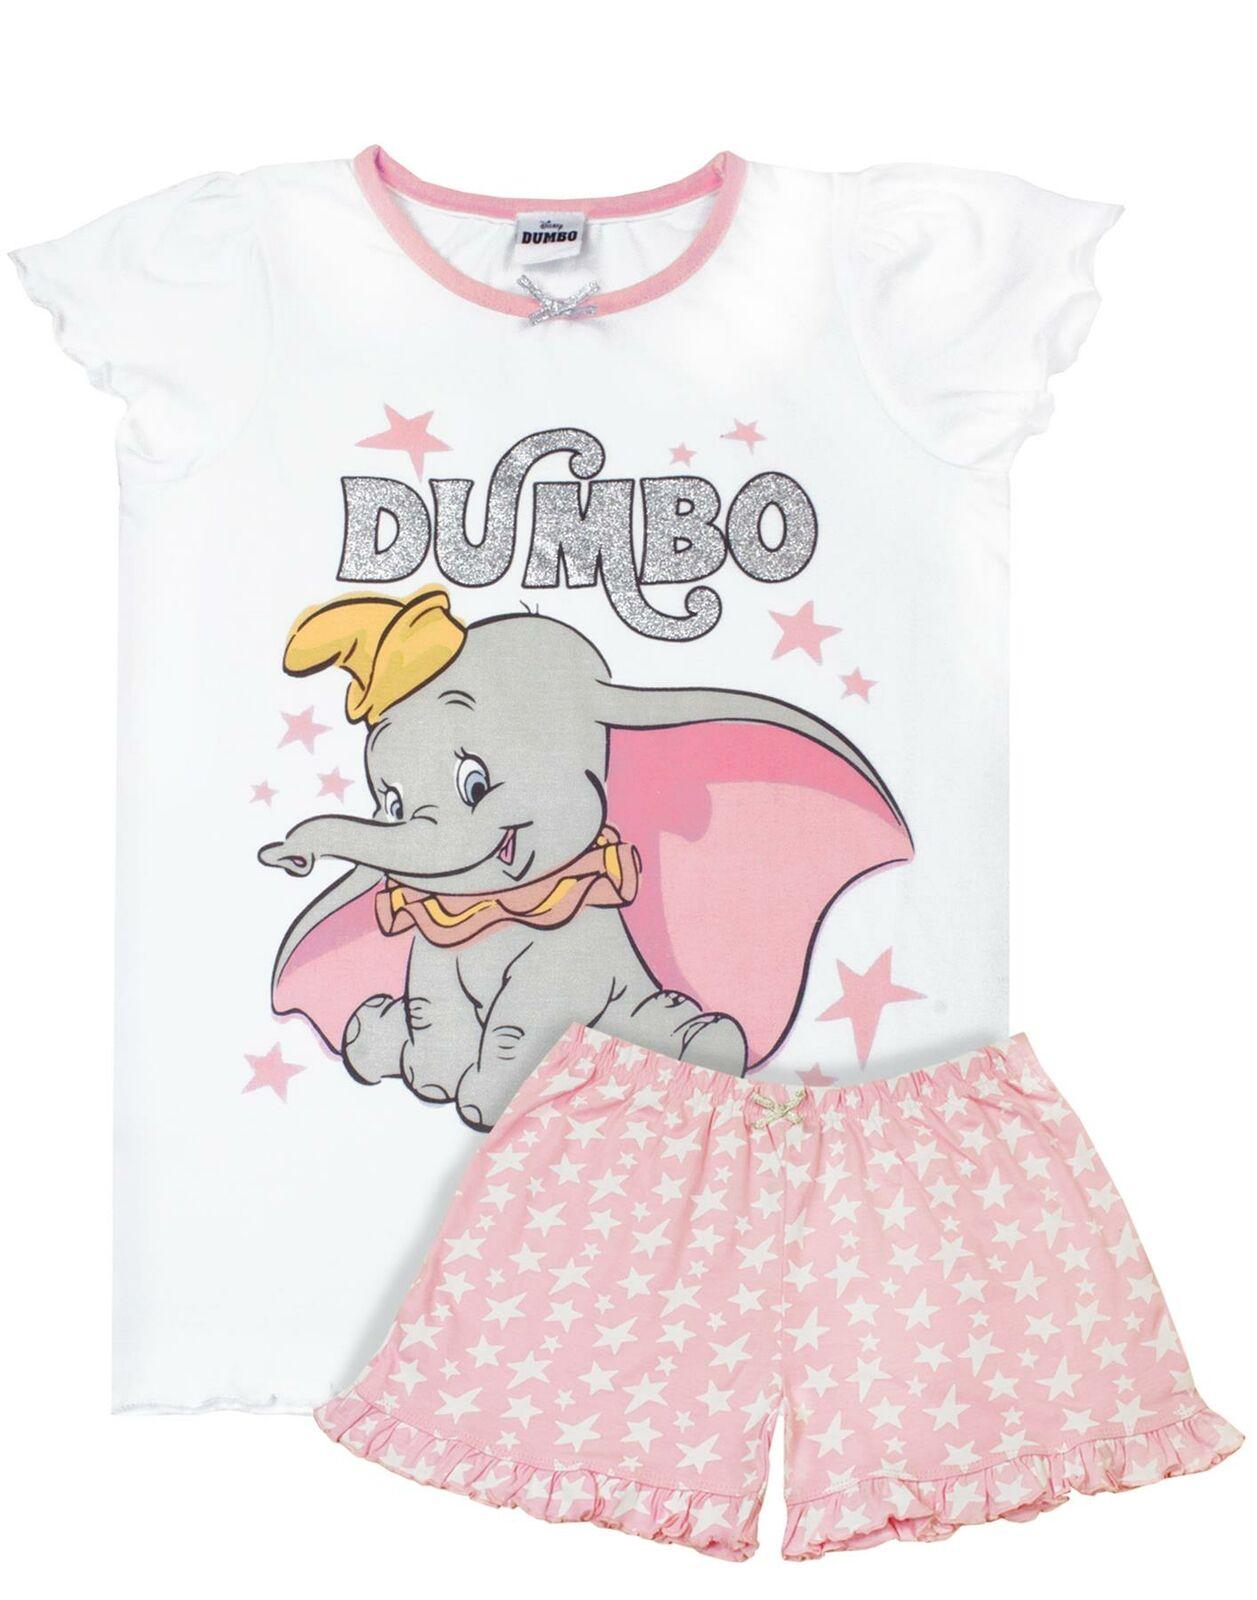 Porte-Monnaie Disney Dumbo Admettre Un